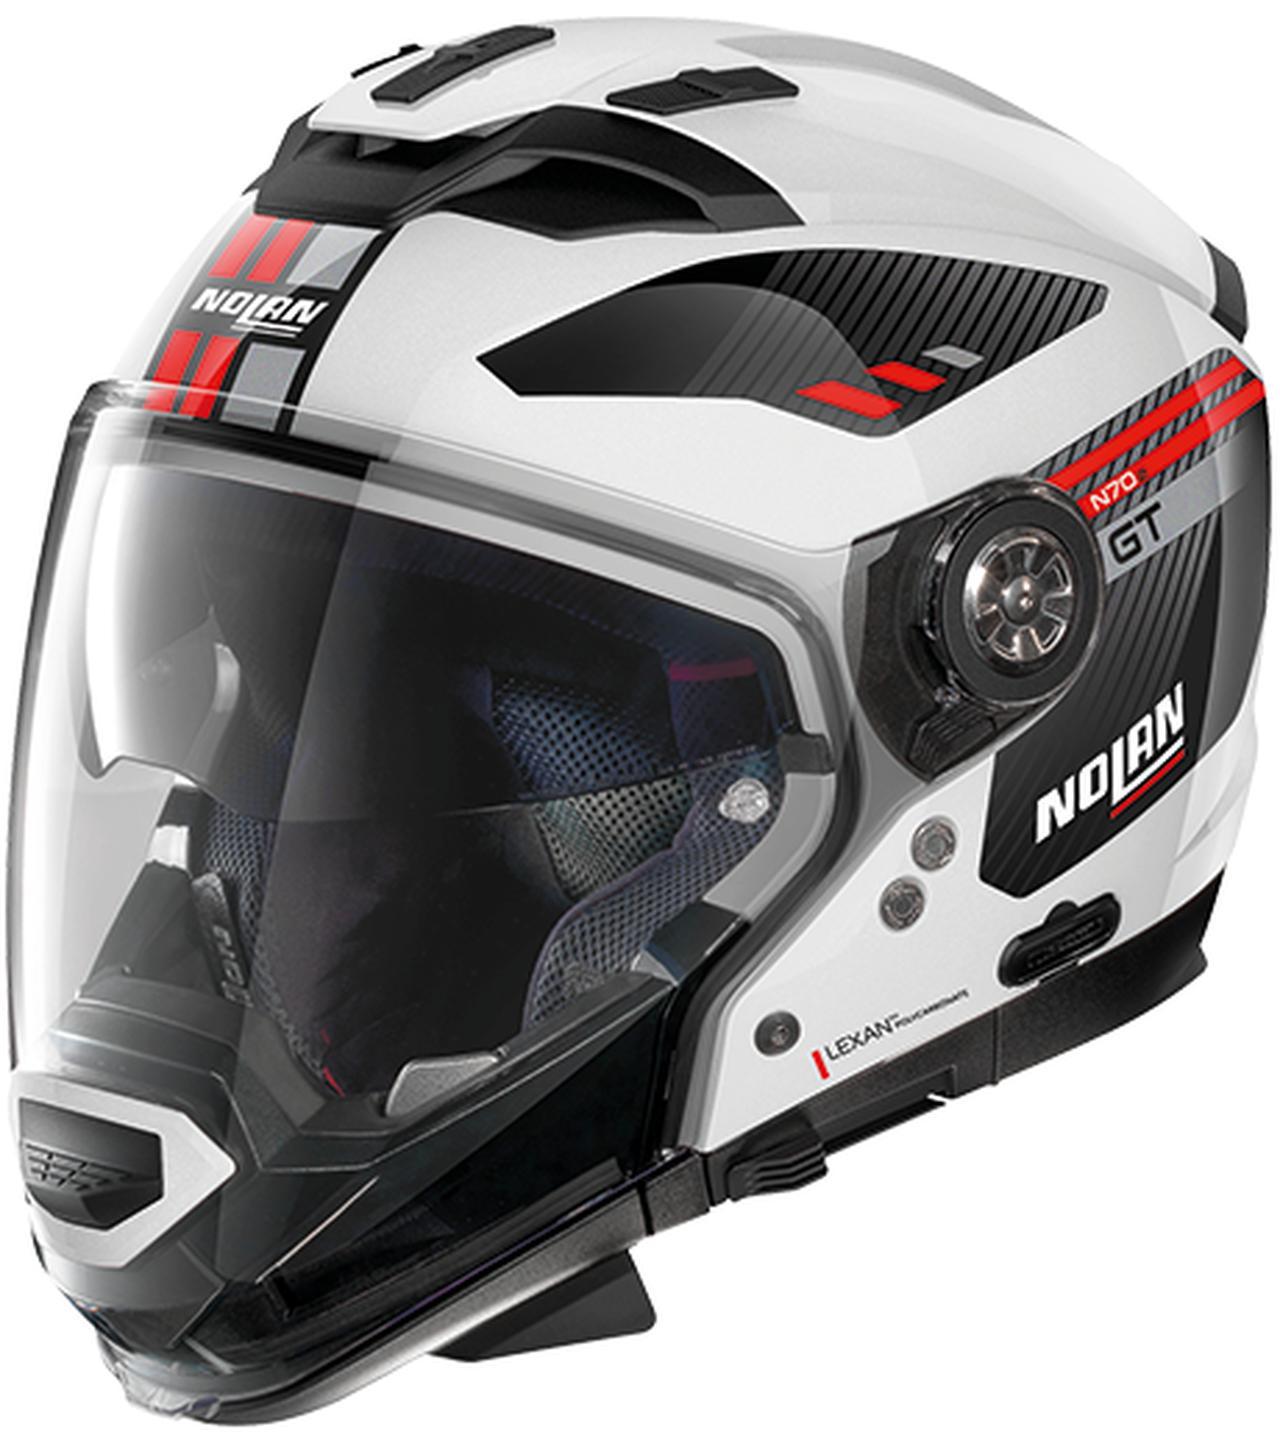 画像5: インナーサンバイザー搭載、帽体は超高強度軽量素材LEXANポリカーボネートを採用!